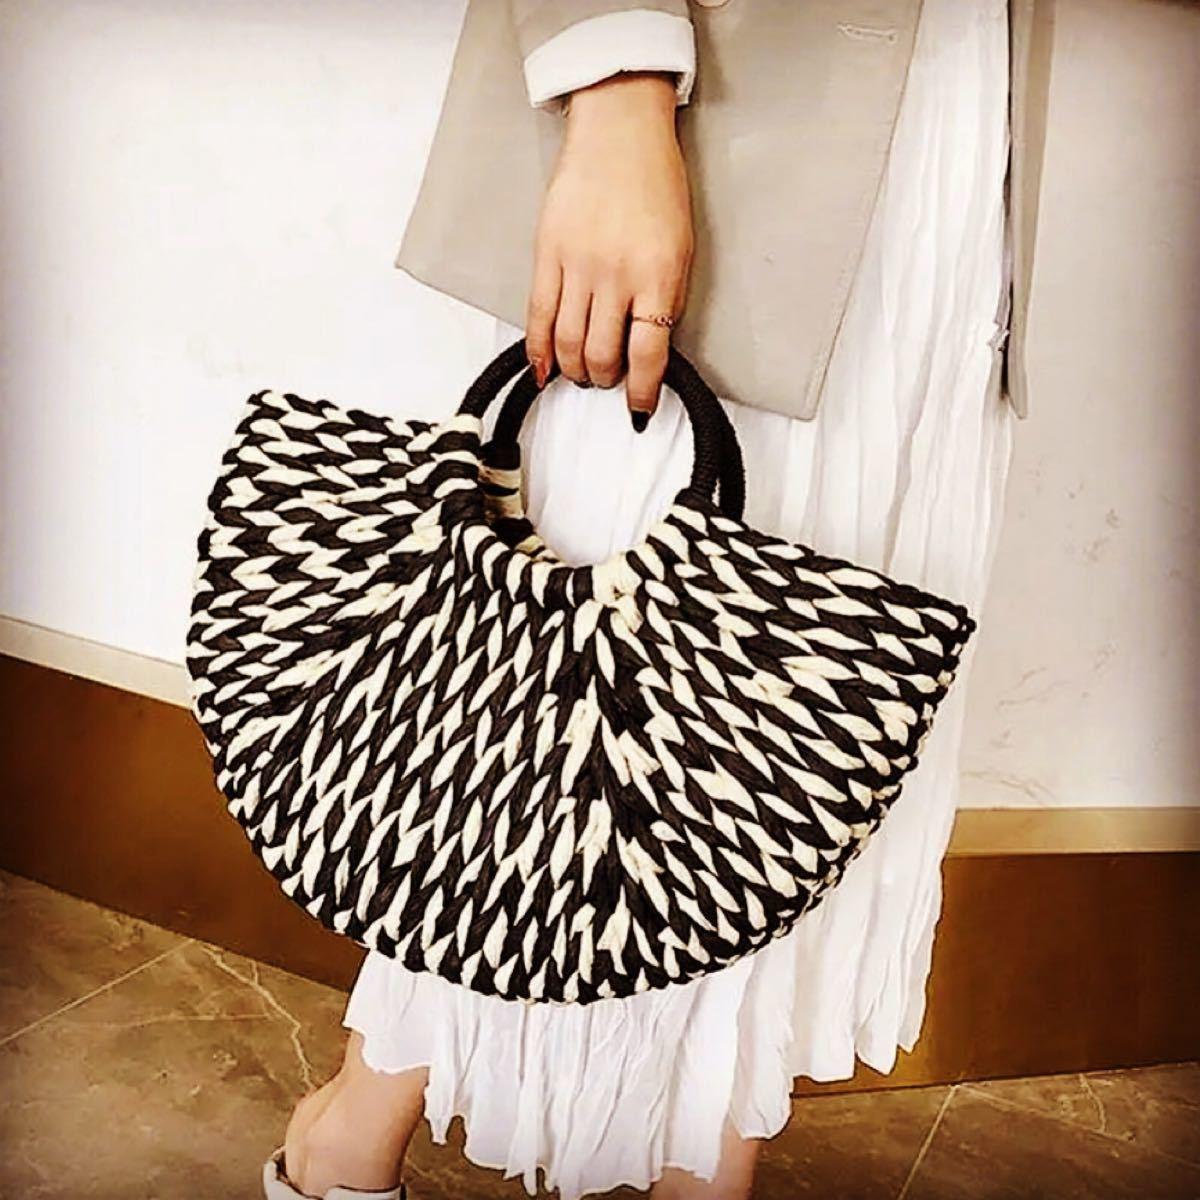 ストローバッグ★カゴバッグ★トートバッグ★ハンドバッグ★編み鞄★かごバッグ